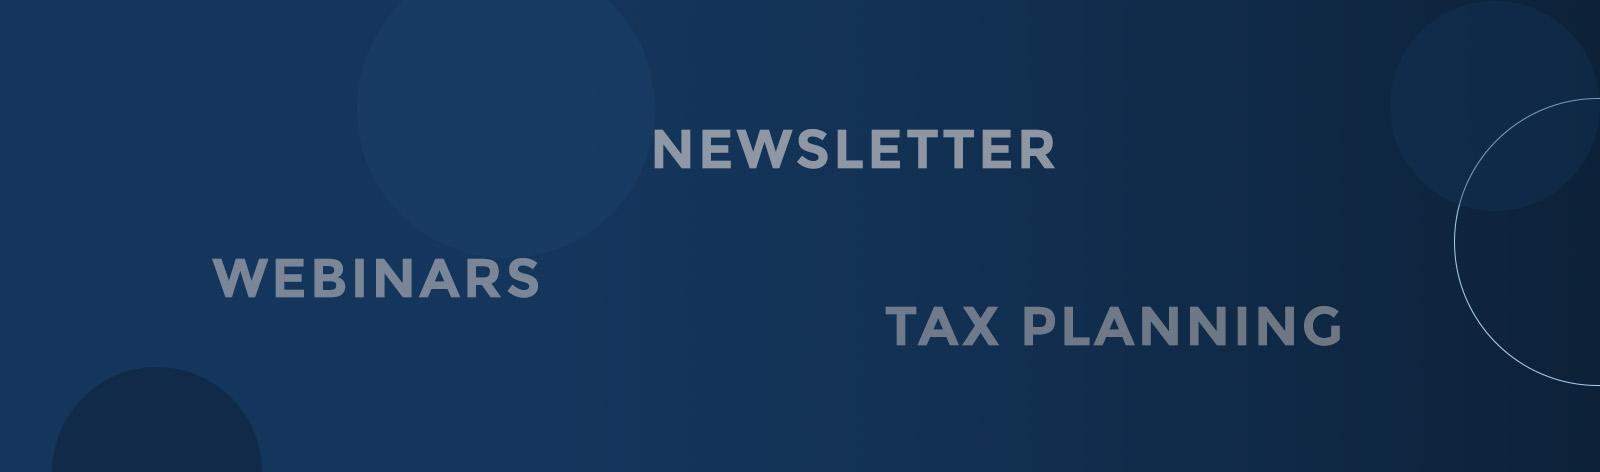 header-newsletter2